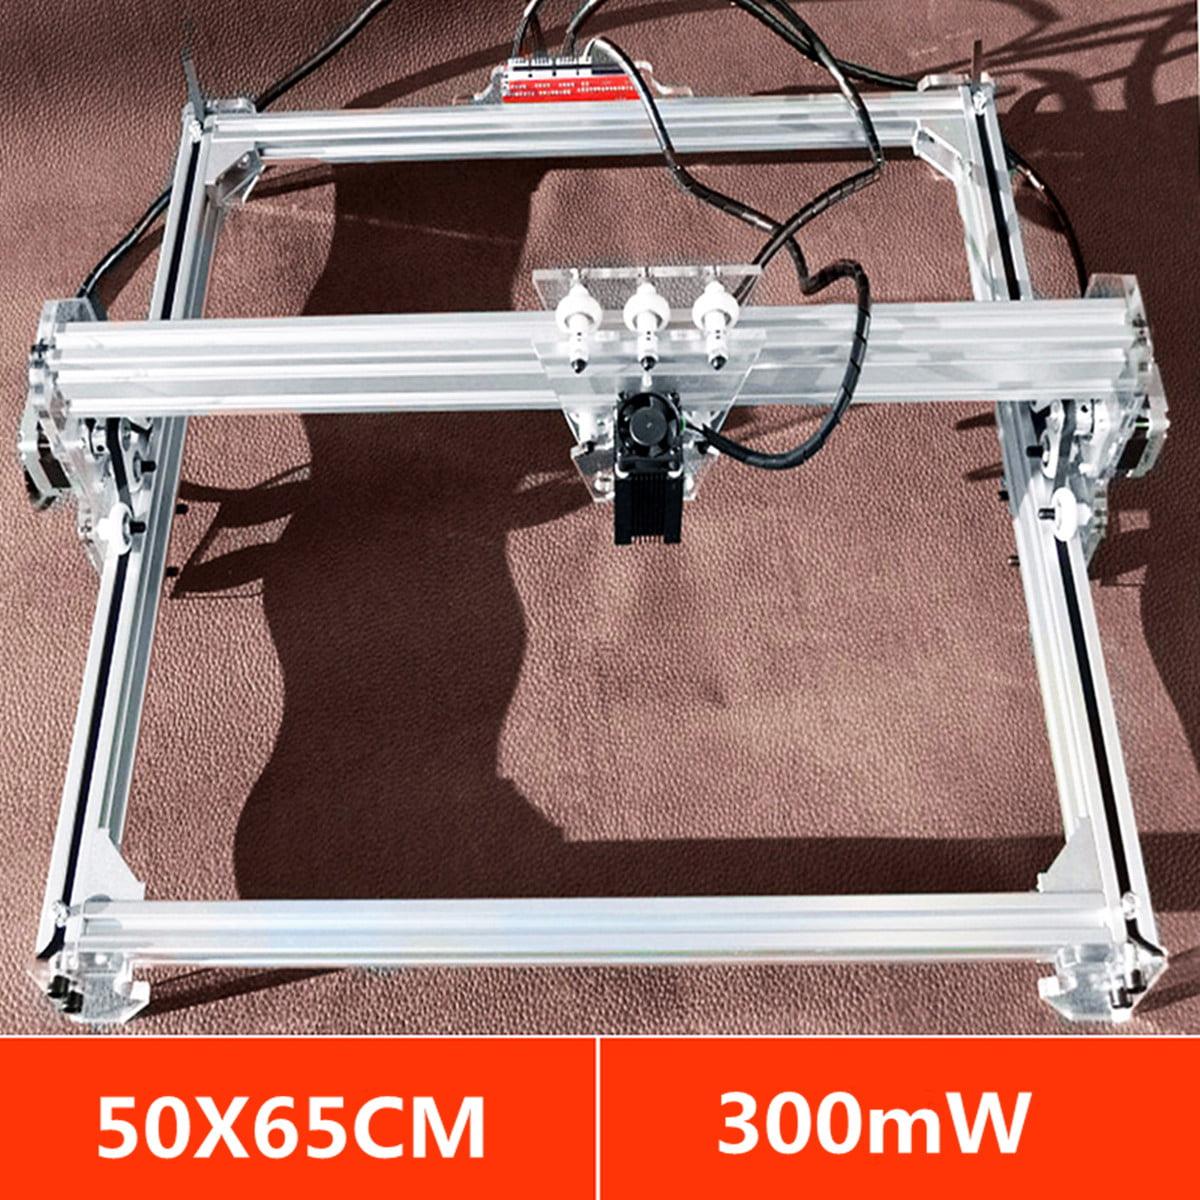 """20""""X26"""" DIY Desktop Mini Laser Engraving Cutting Machine engraving Printer Kit CNC Engraver"""